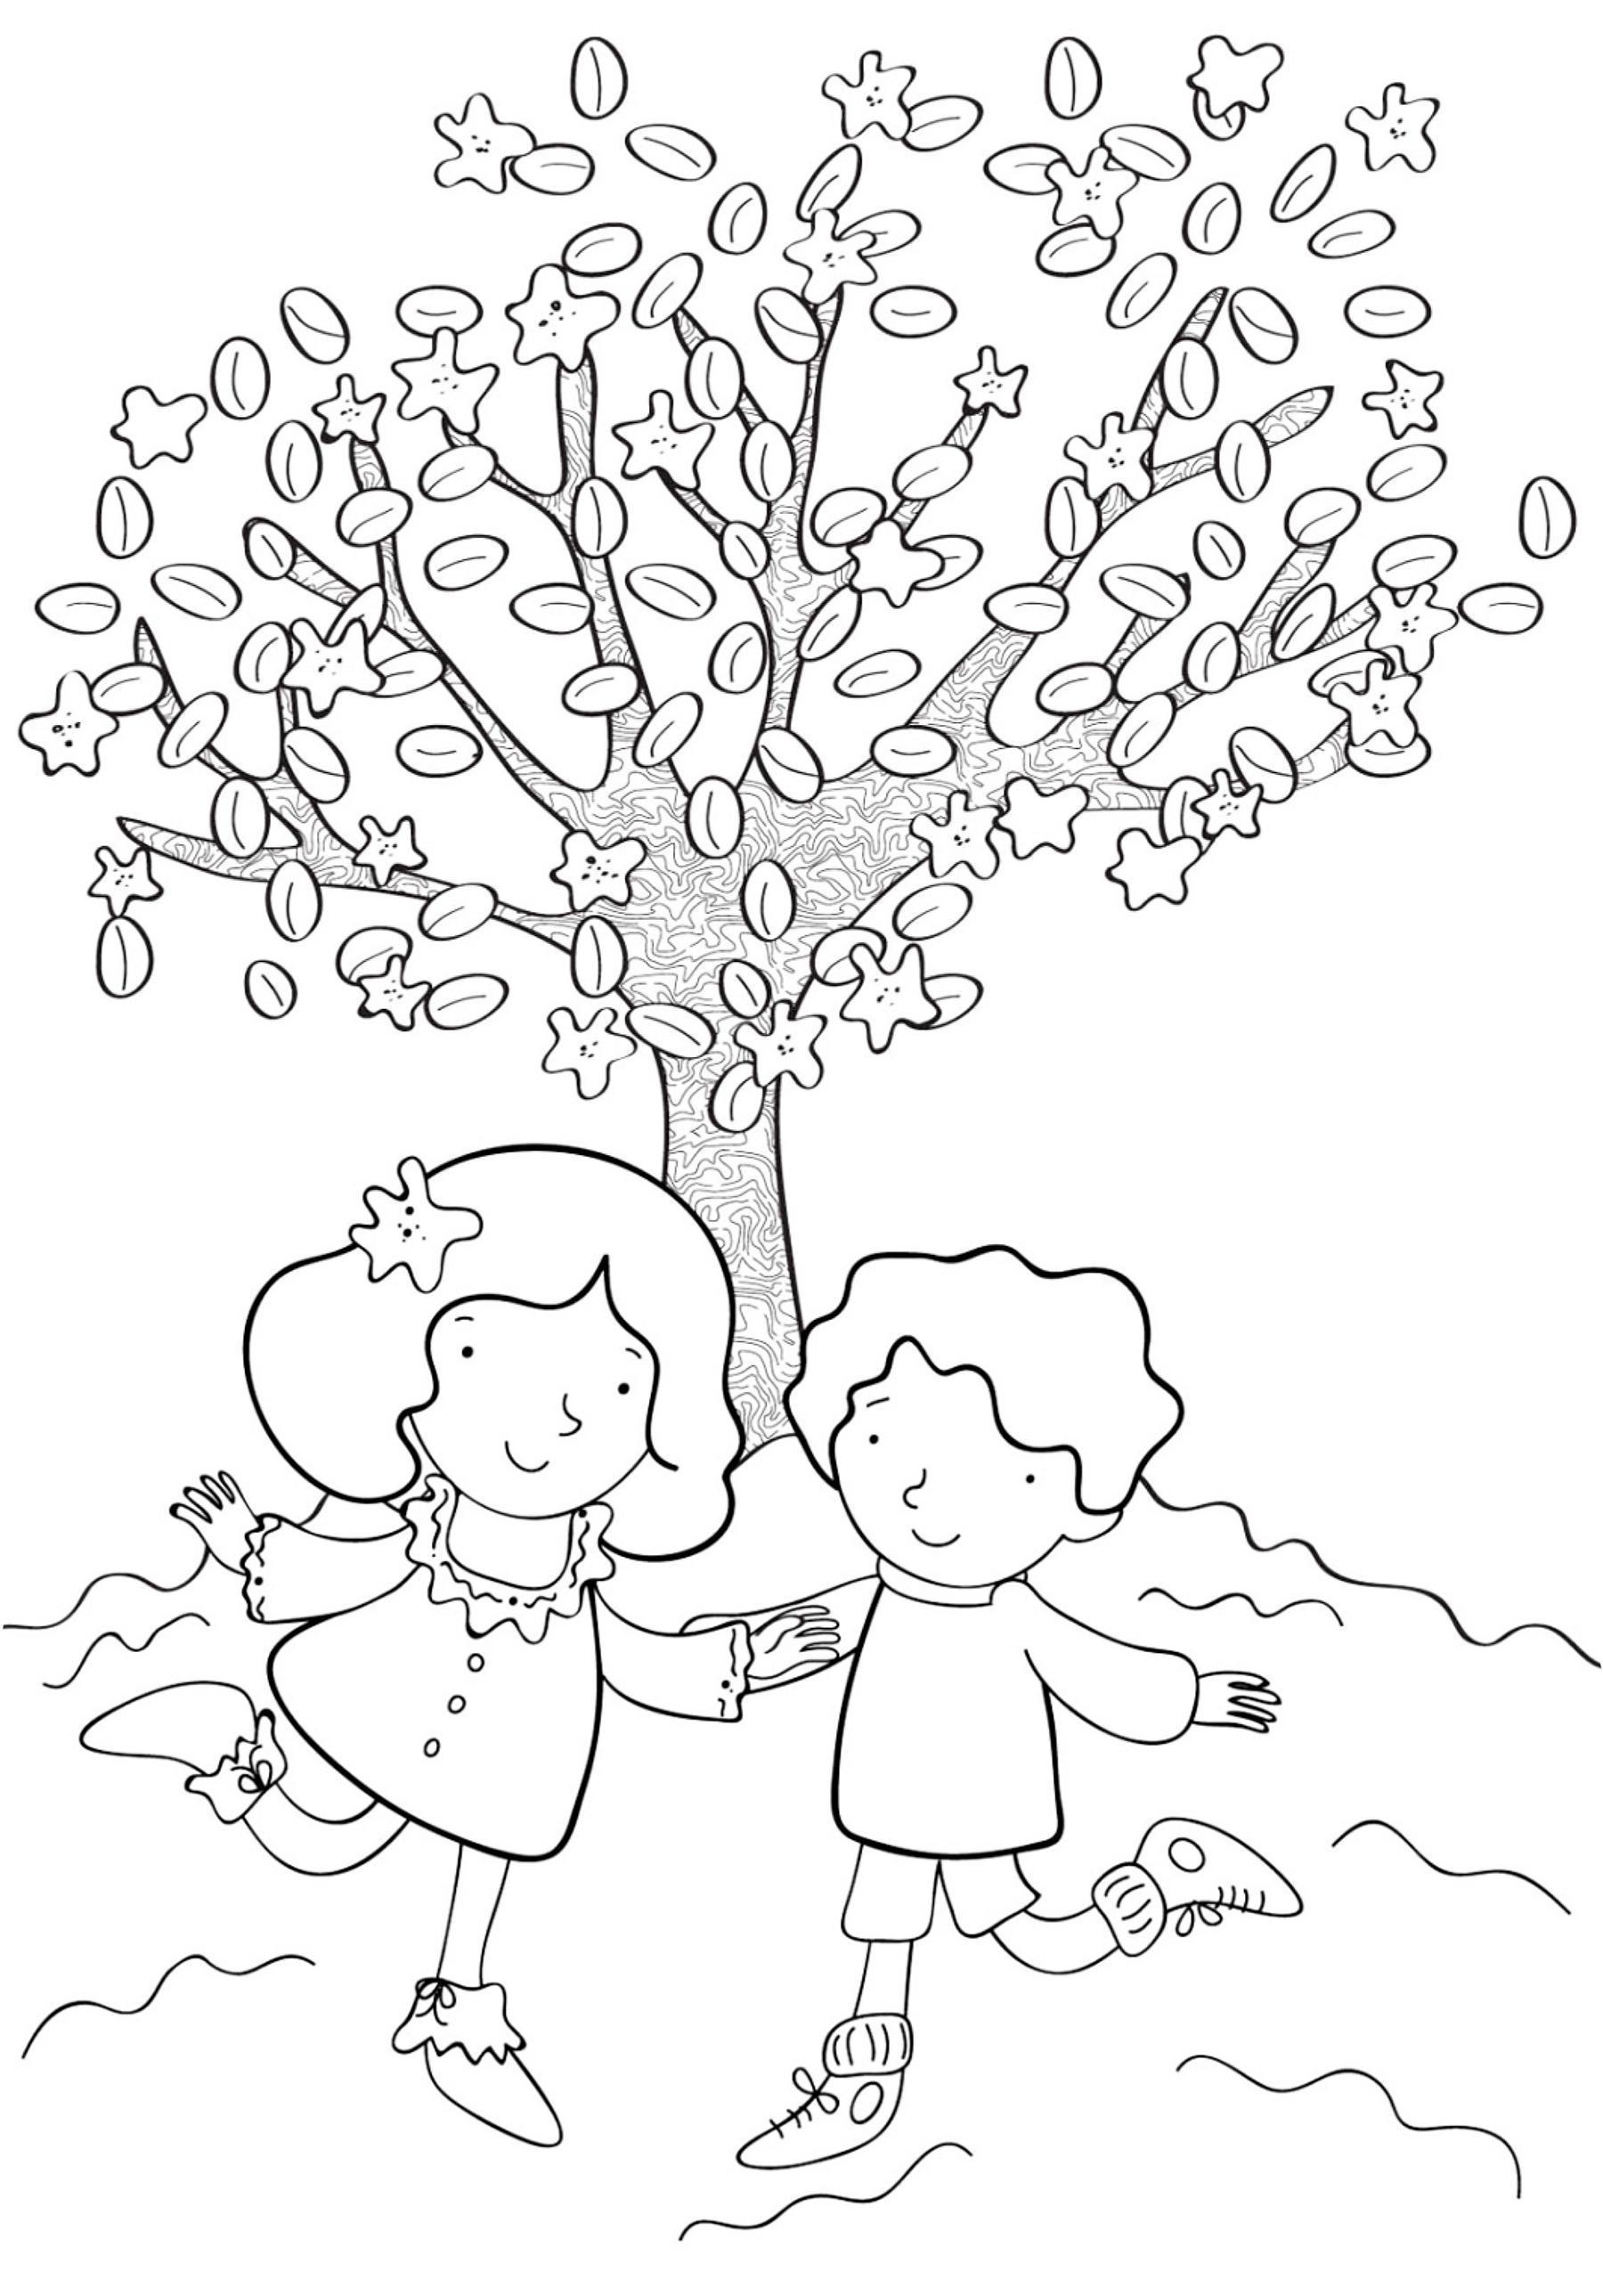 Раскраски дети праздник 1 июня день защиты детей дети дерево гулять игра лето